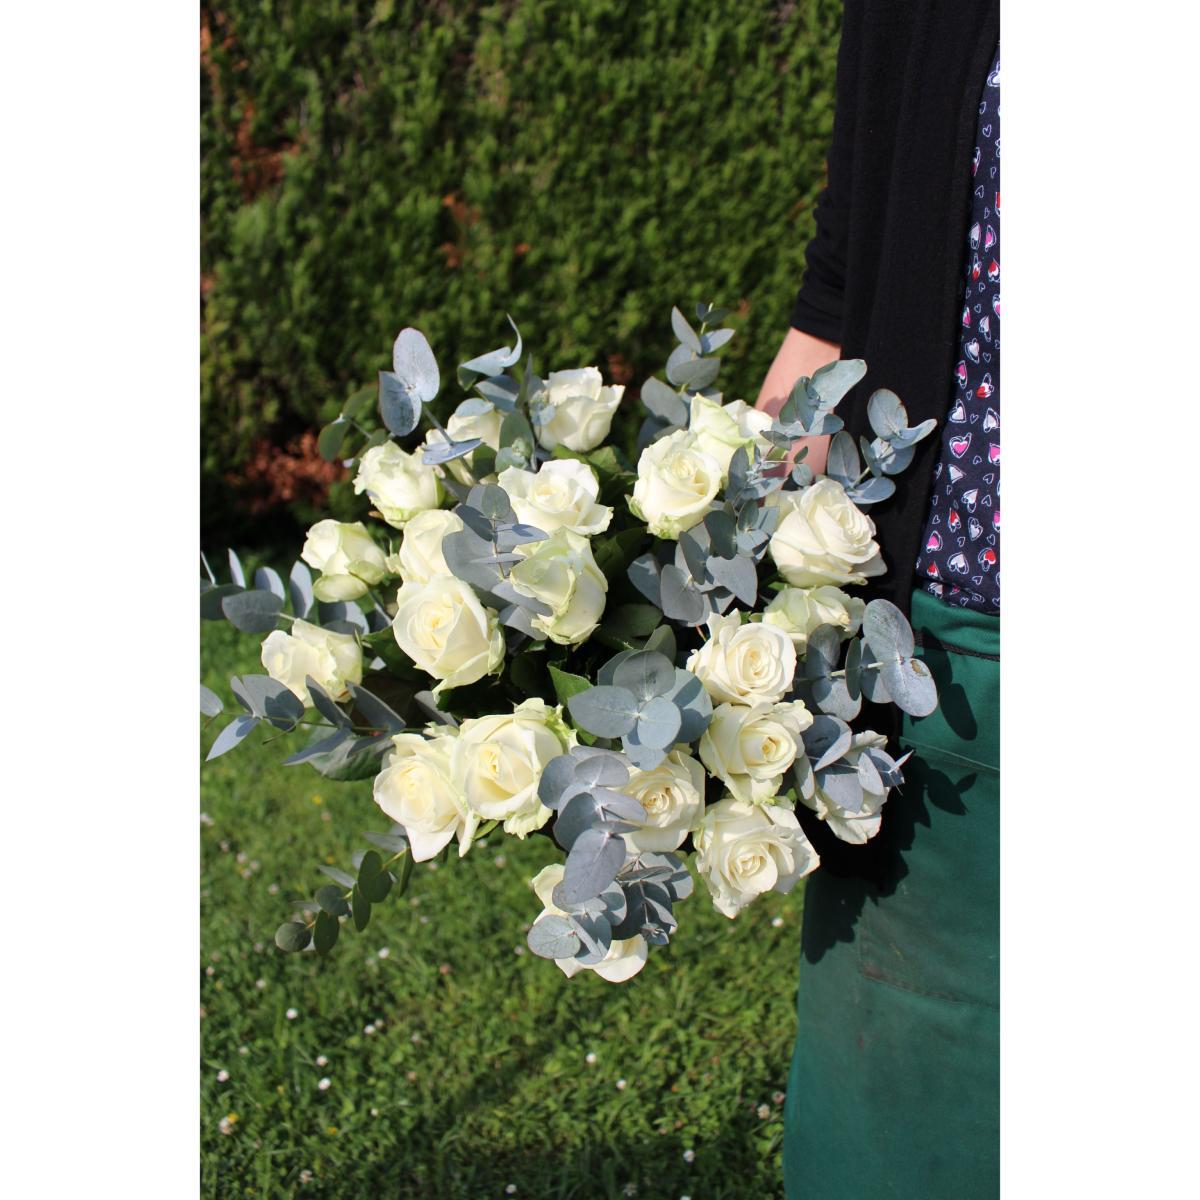 Feuille D Eucalyptus Bouquet versailles - bouquet de roses blanches